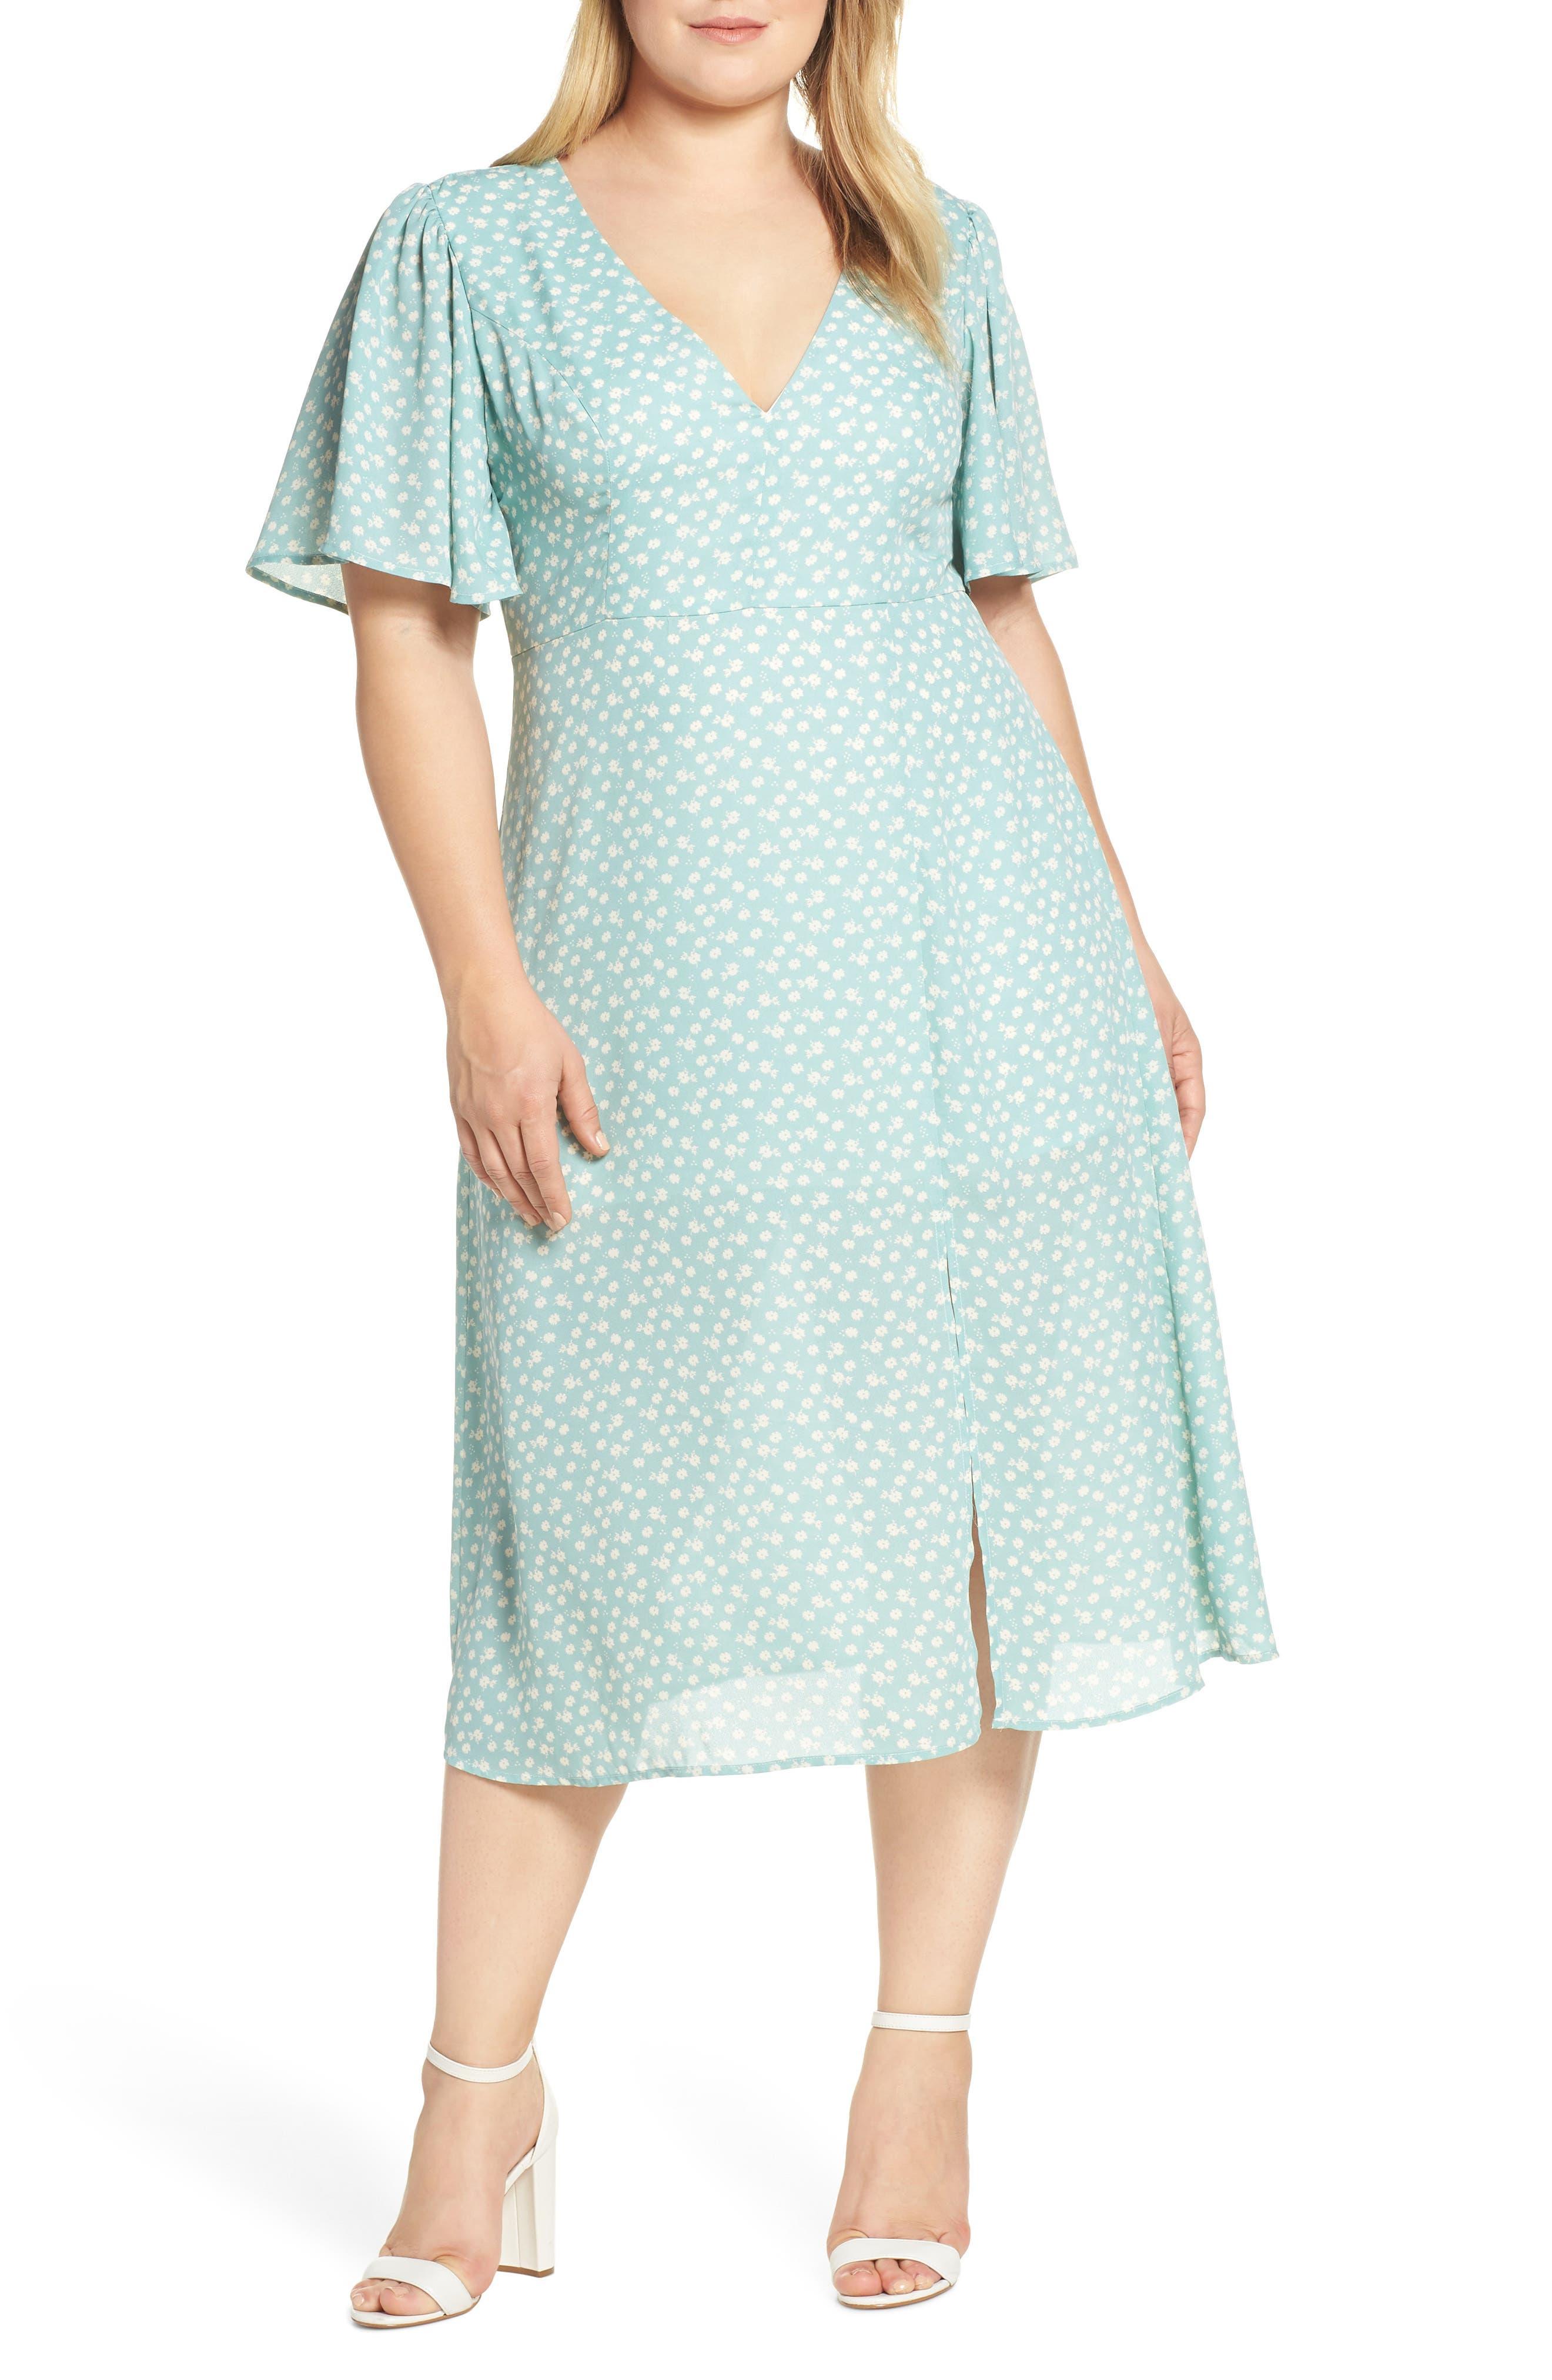 1930s Art Deco Plus Size Dresses | Tea Dresses, Party Dresses Plus Size Womens Leith Flutter Sleeve Midi Dress $41.40 AT vintagedancer.com